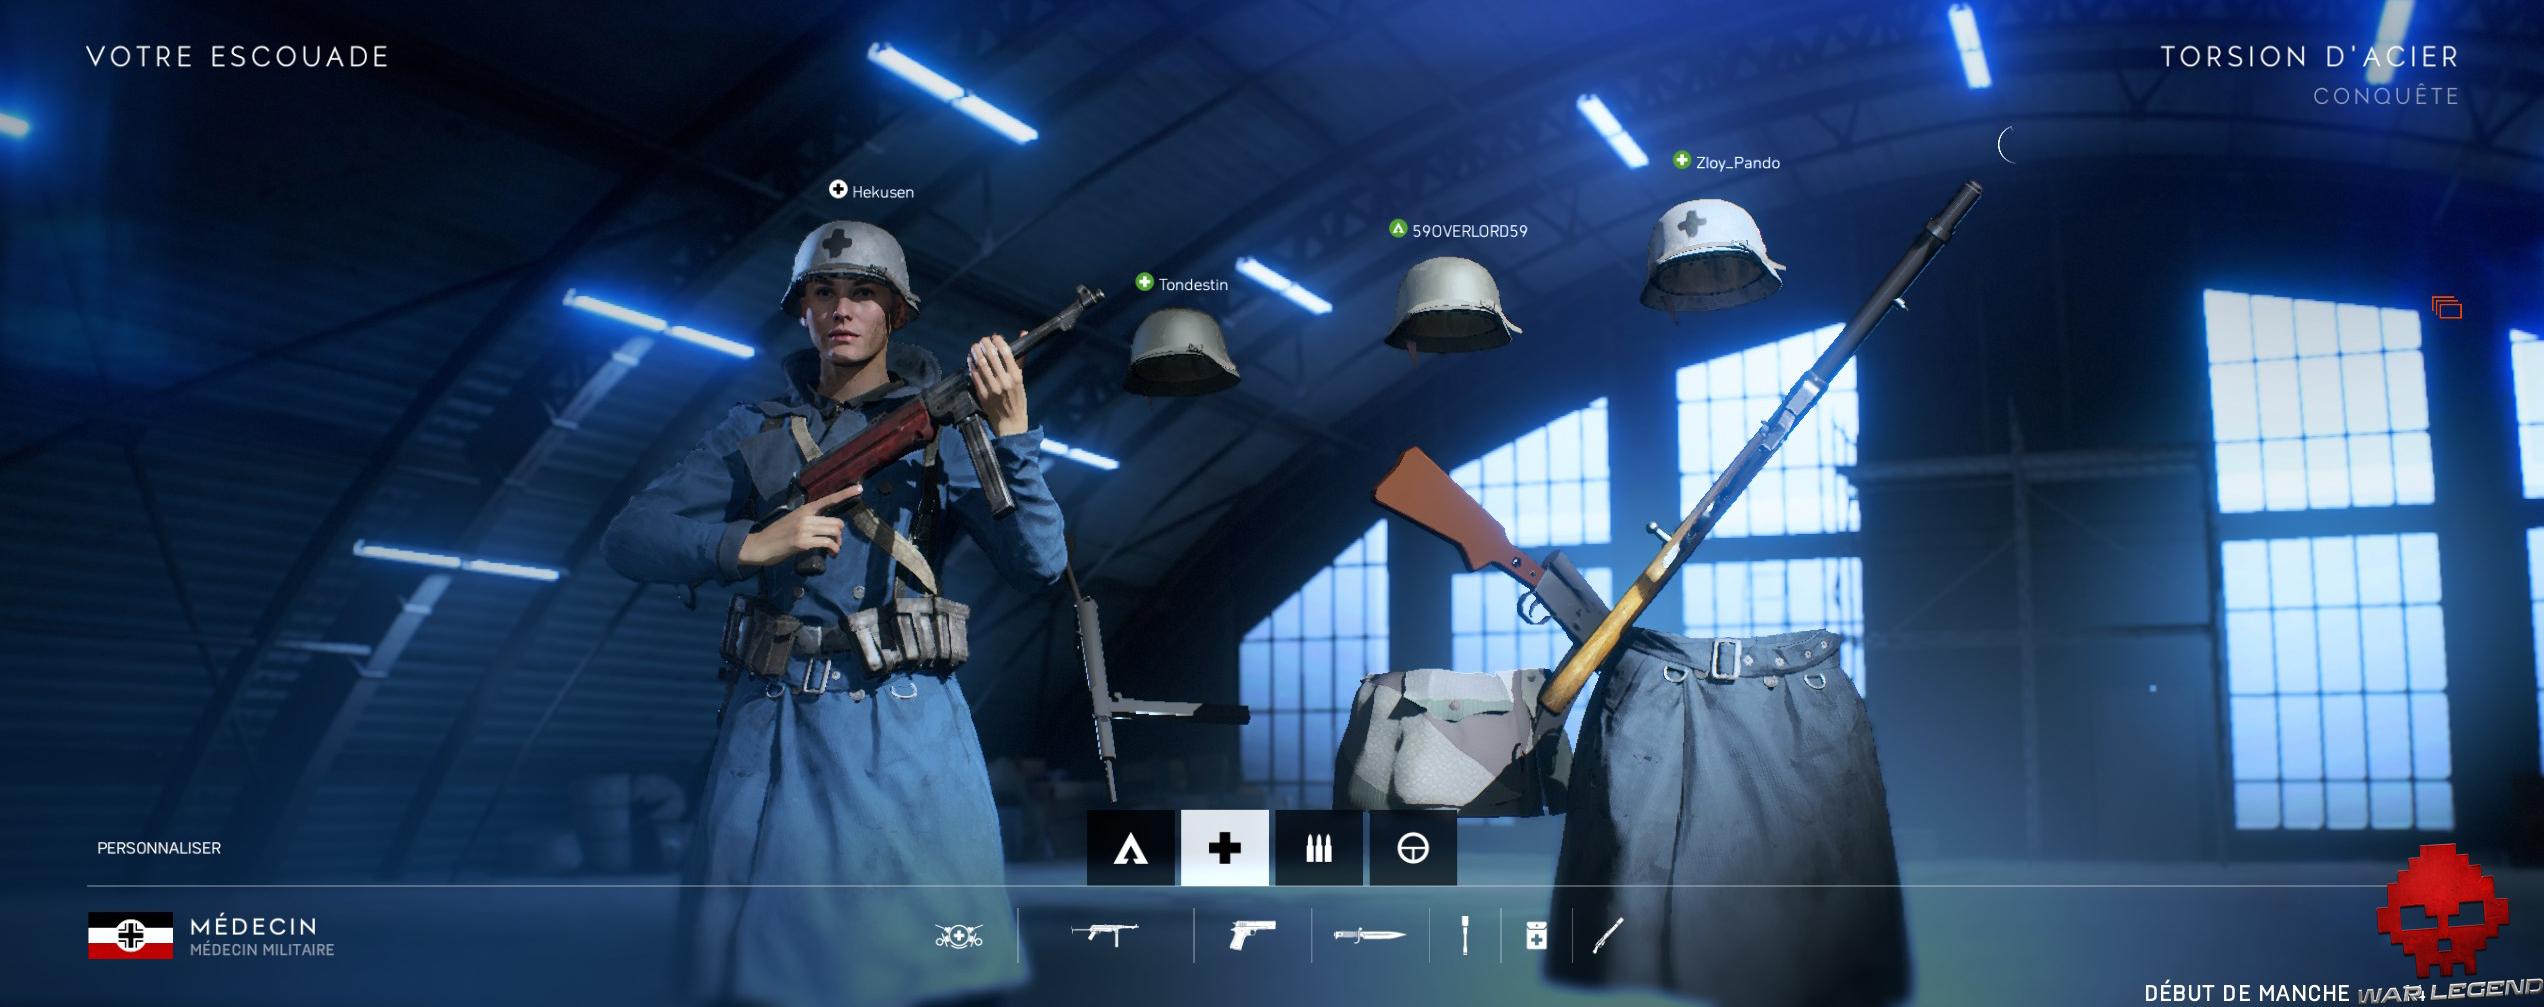 Test Battlefield V - Bug affichage écran de personnages